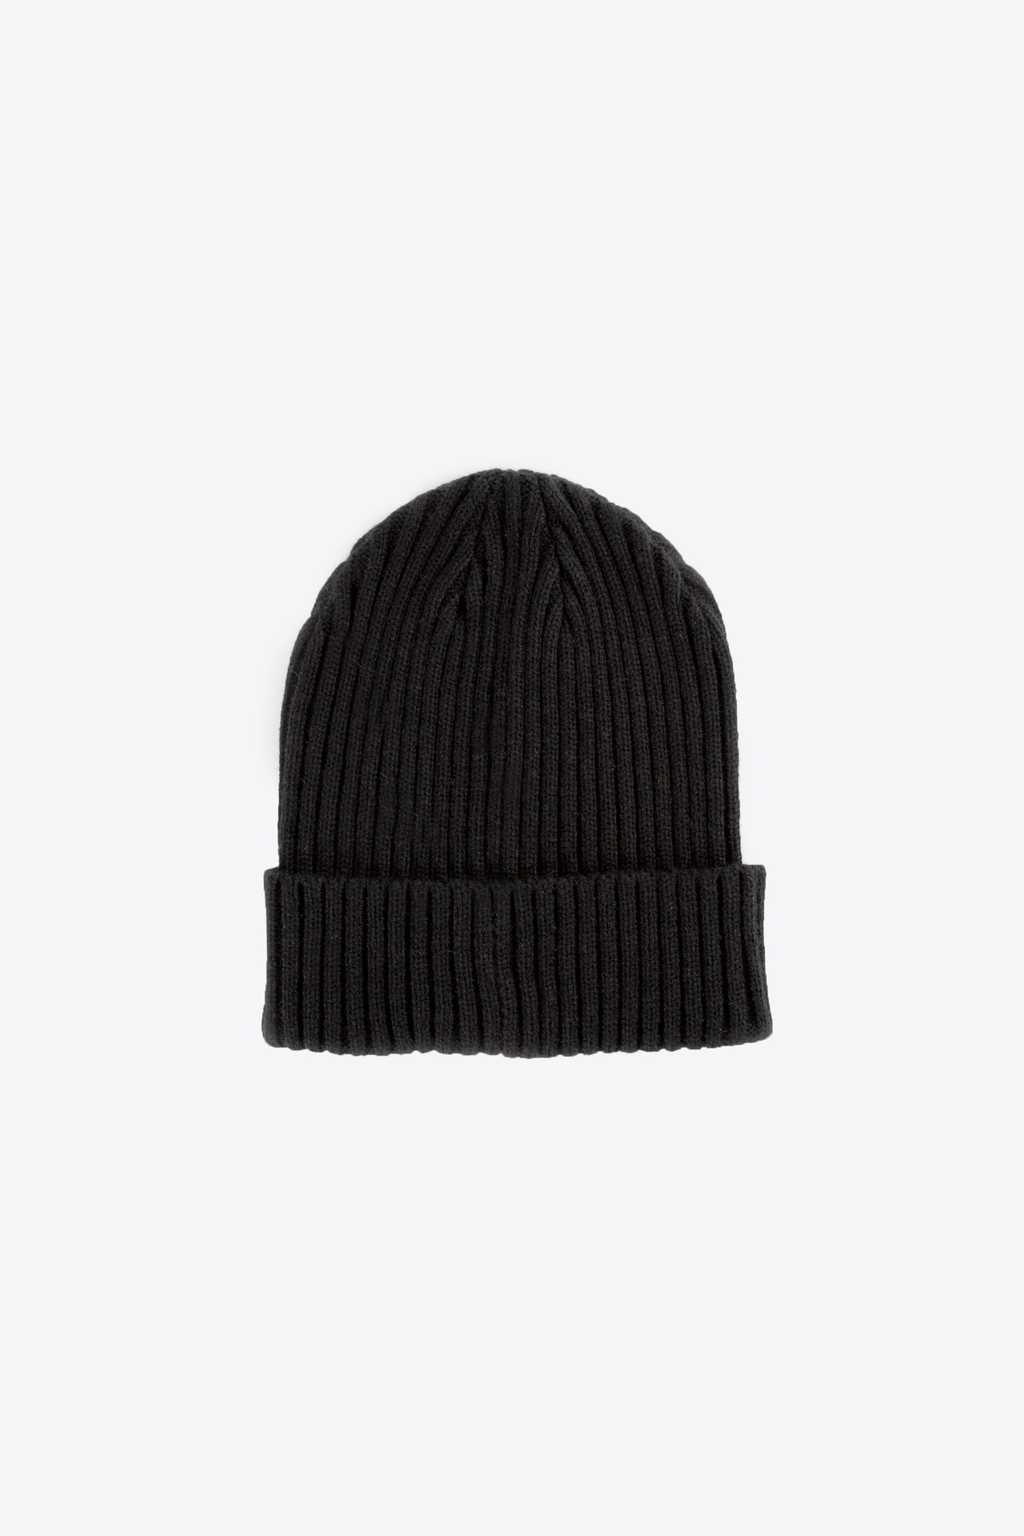 Hat 97023 Black 5